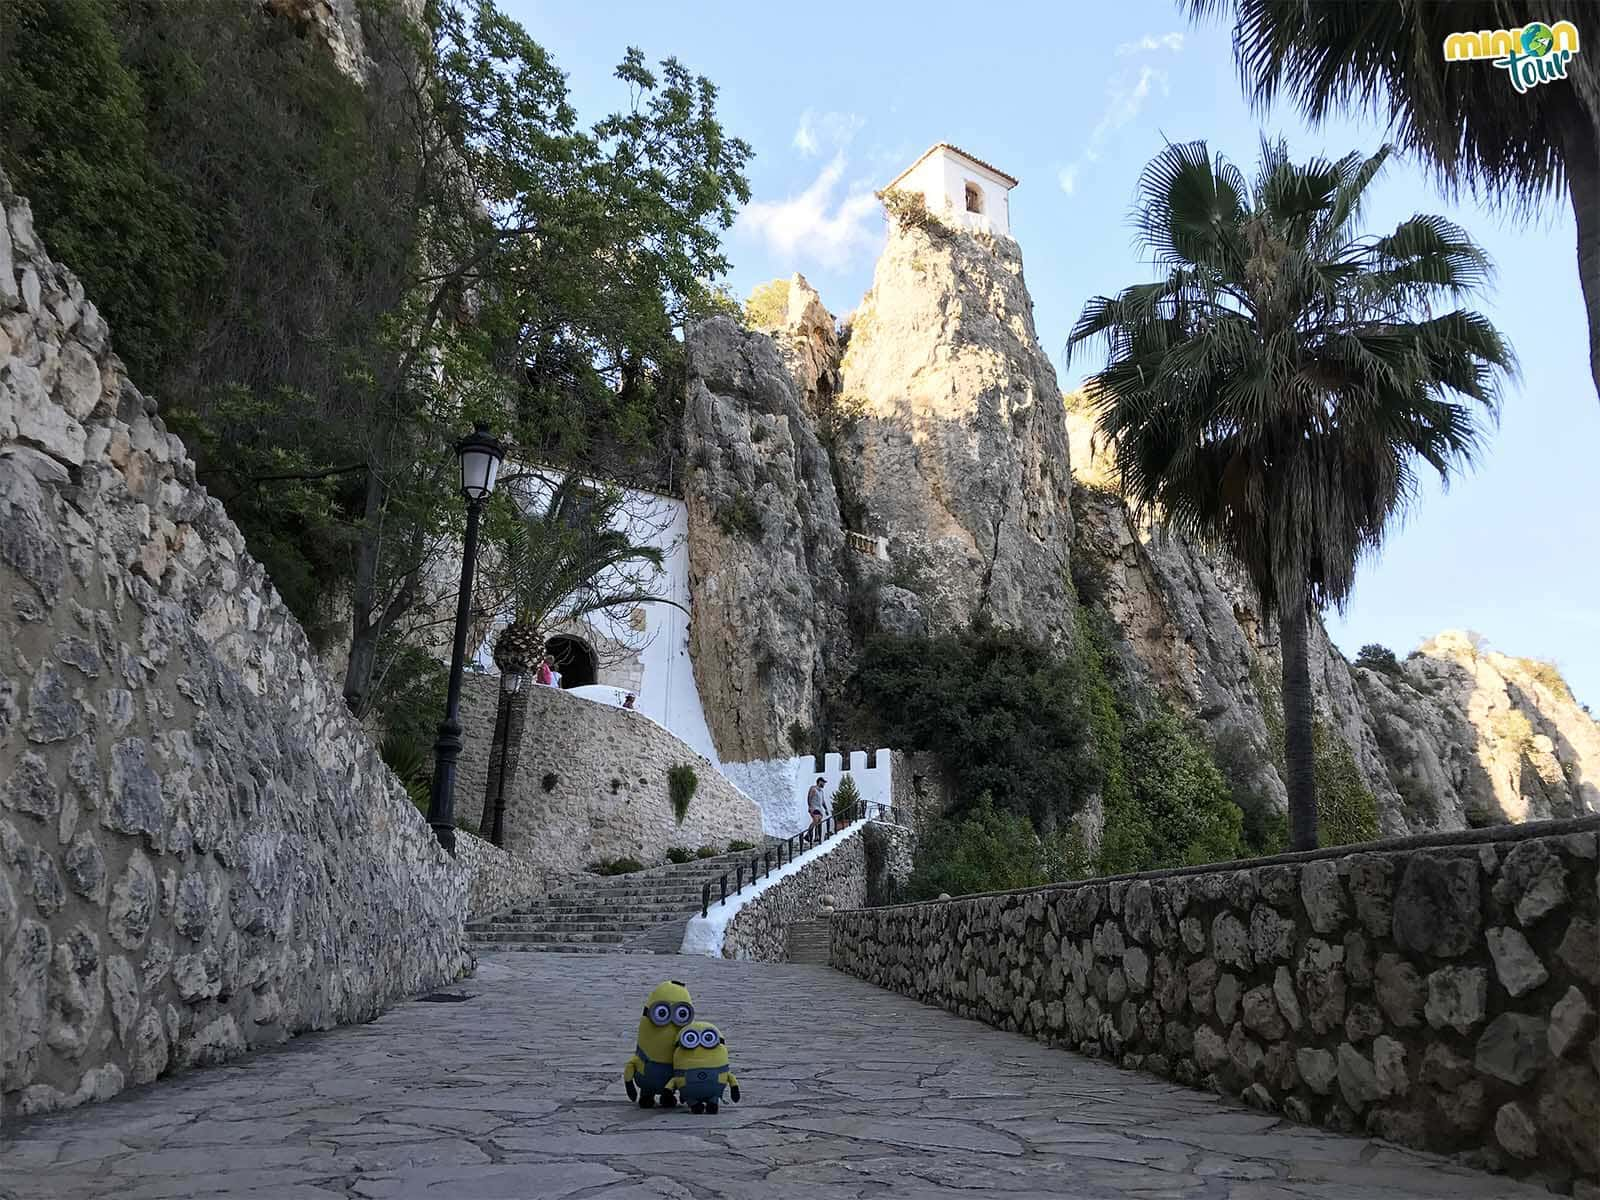 Detrás de esa puerta veremos todo lo que visitar en Guadalest